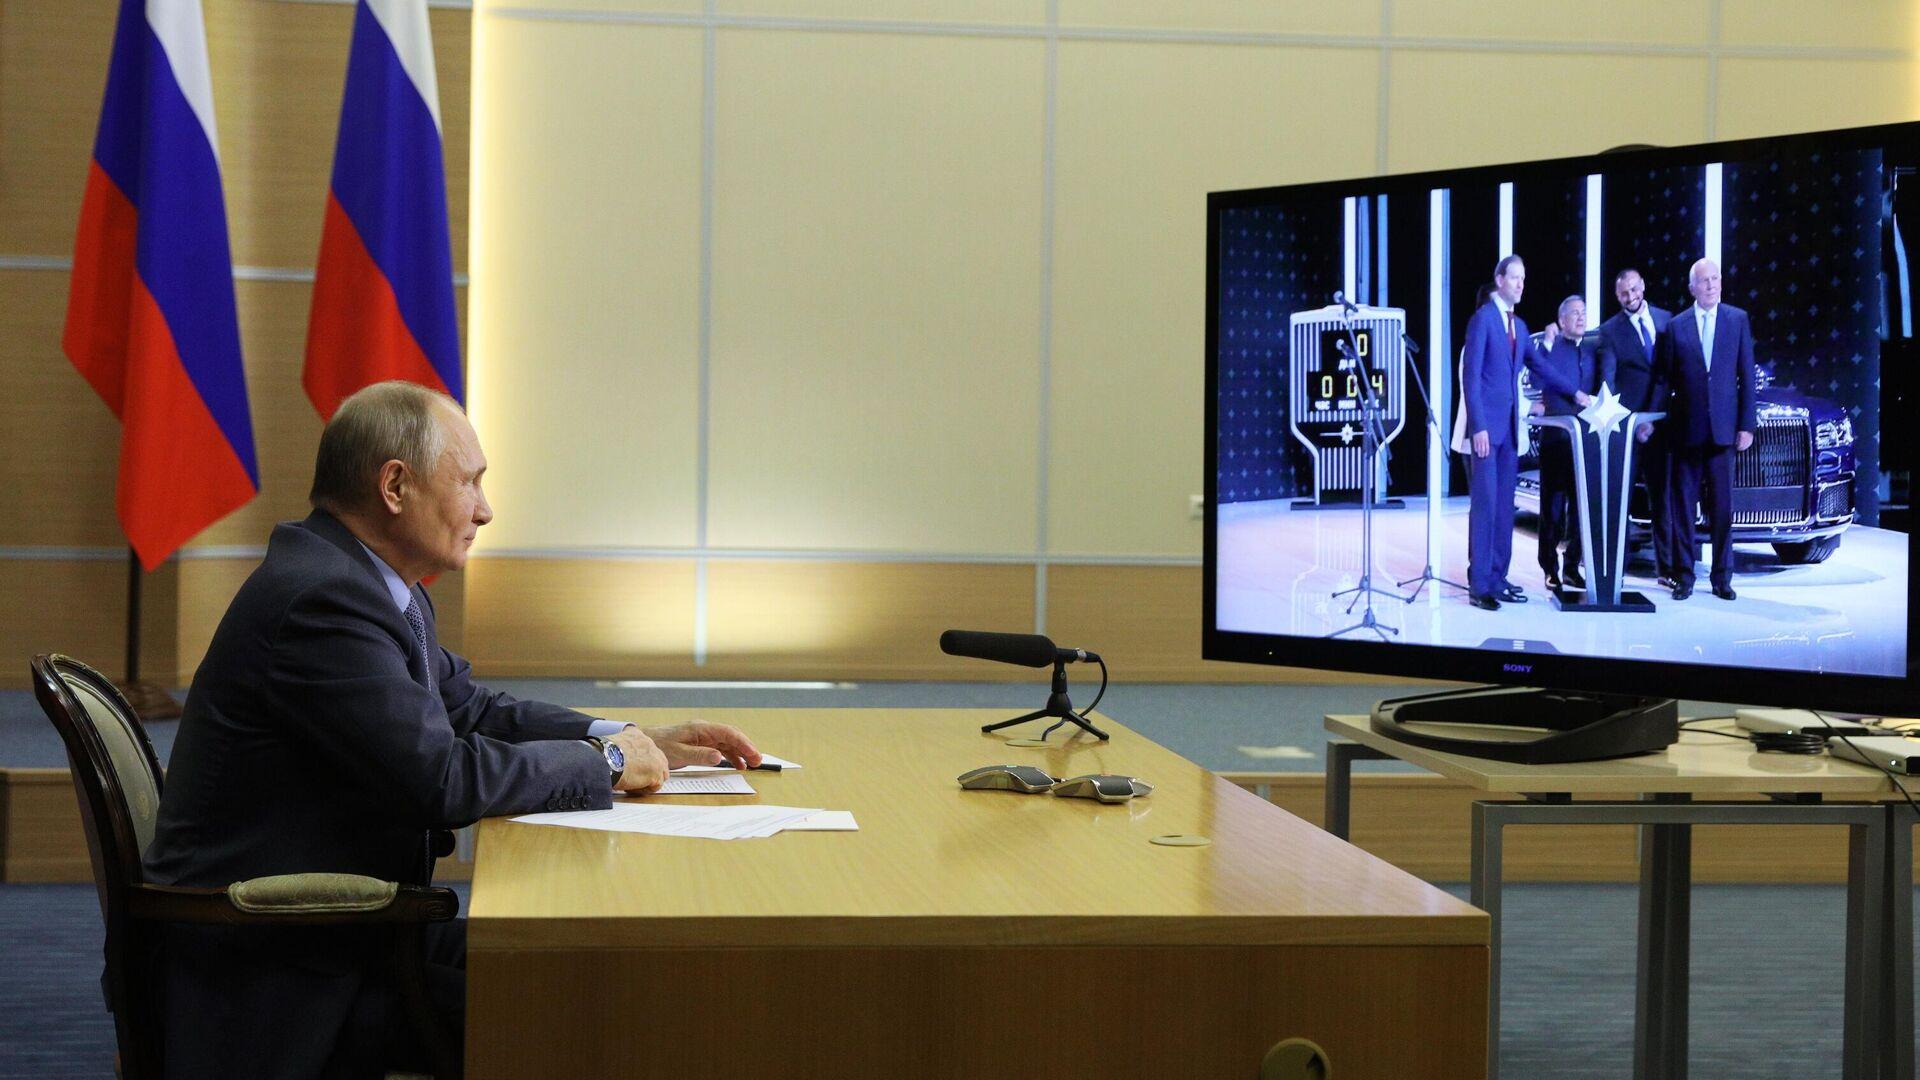 El presidente ruso, Vladímir Putin, inaugura la producción de los automóviles rusos Aurus - Sputnik Mundo, 1920, 31.05.2021